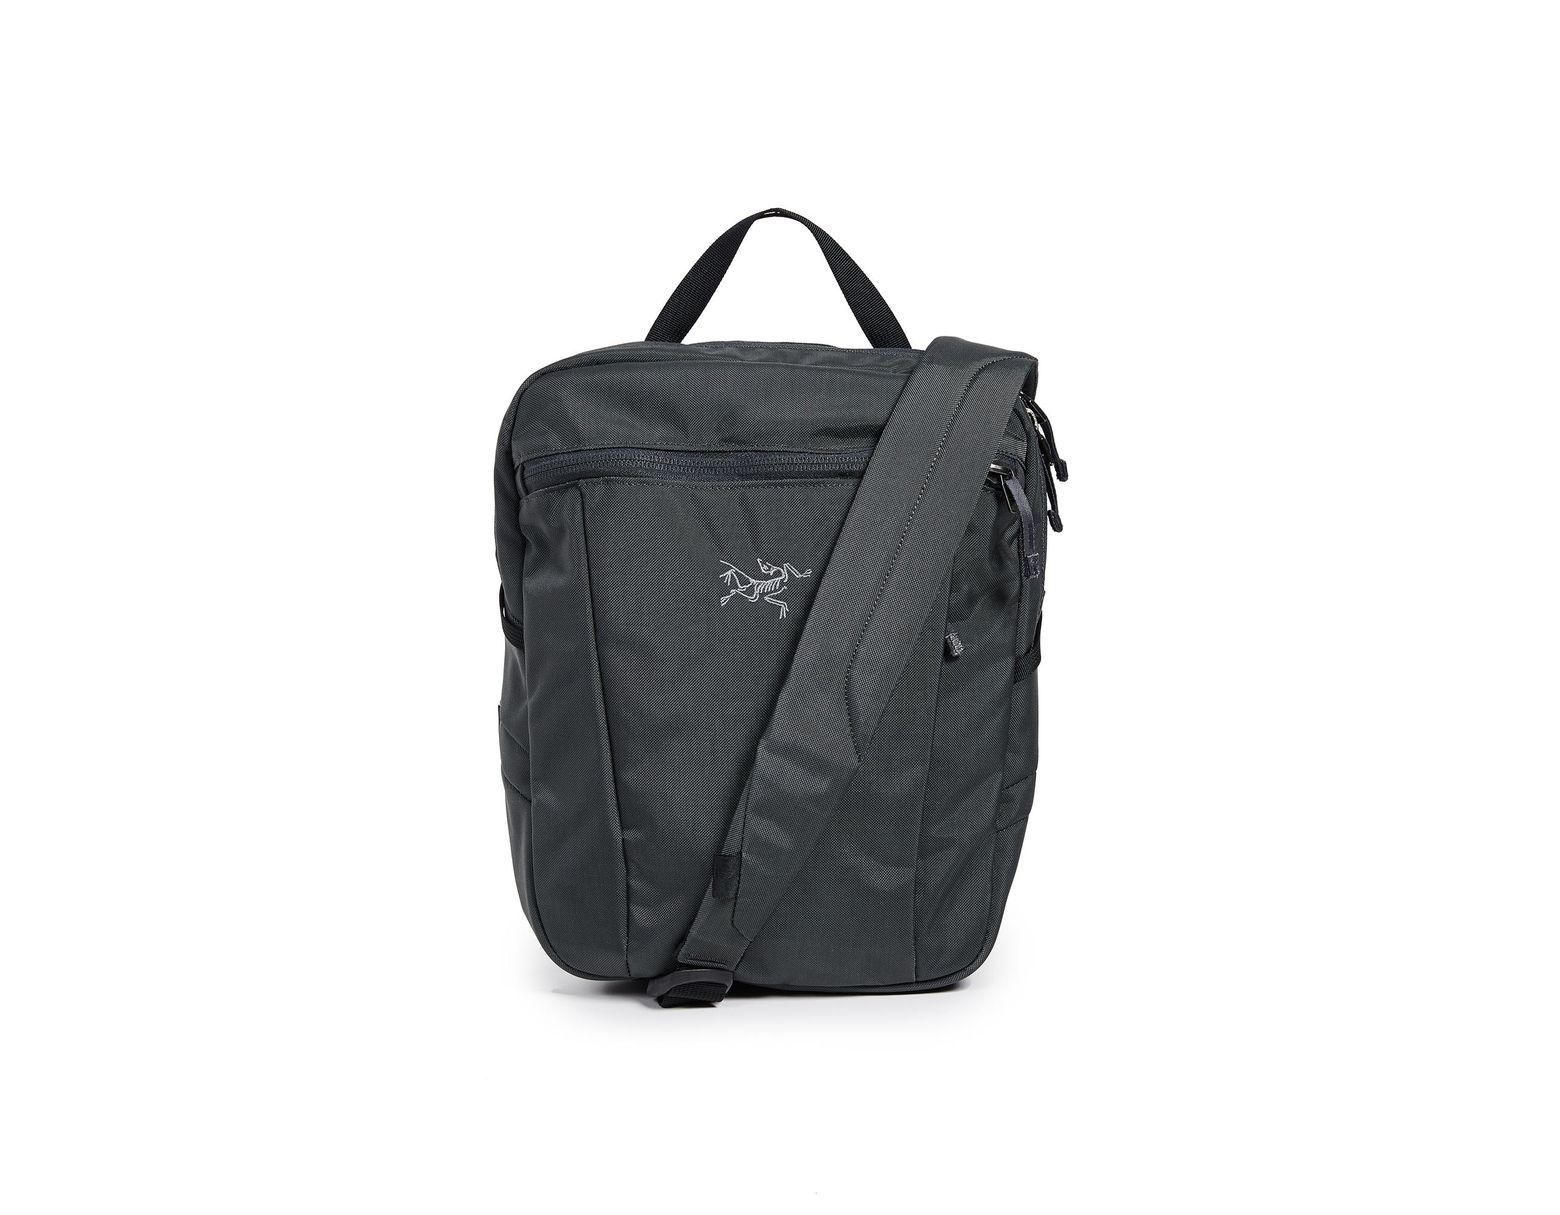 2e9c582e5 Arc'teryx Slingblade 4 Shoulder Bag in Black for Men - Lyst